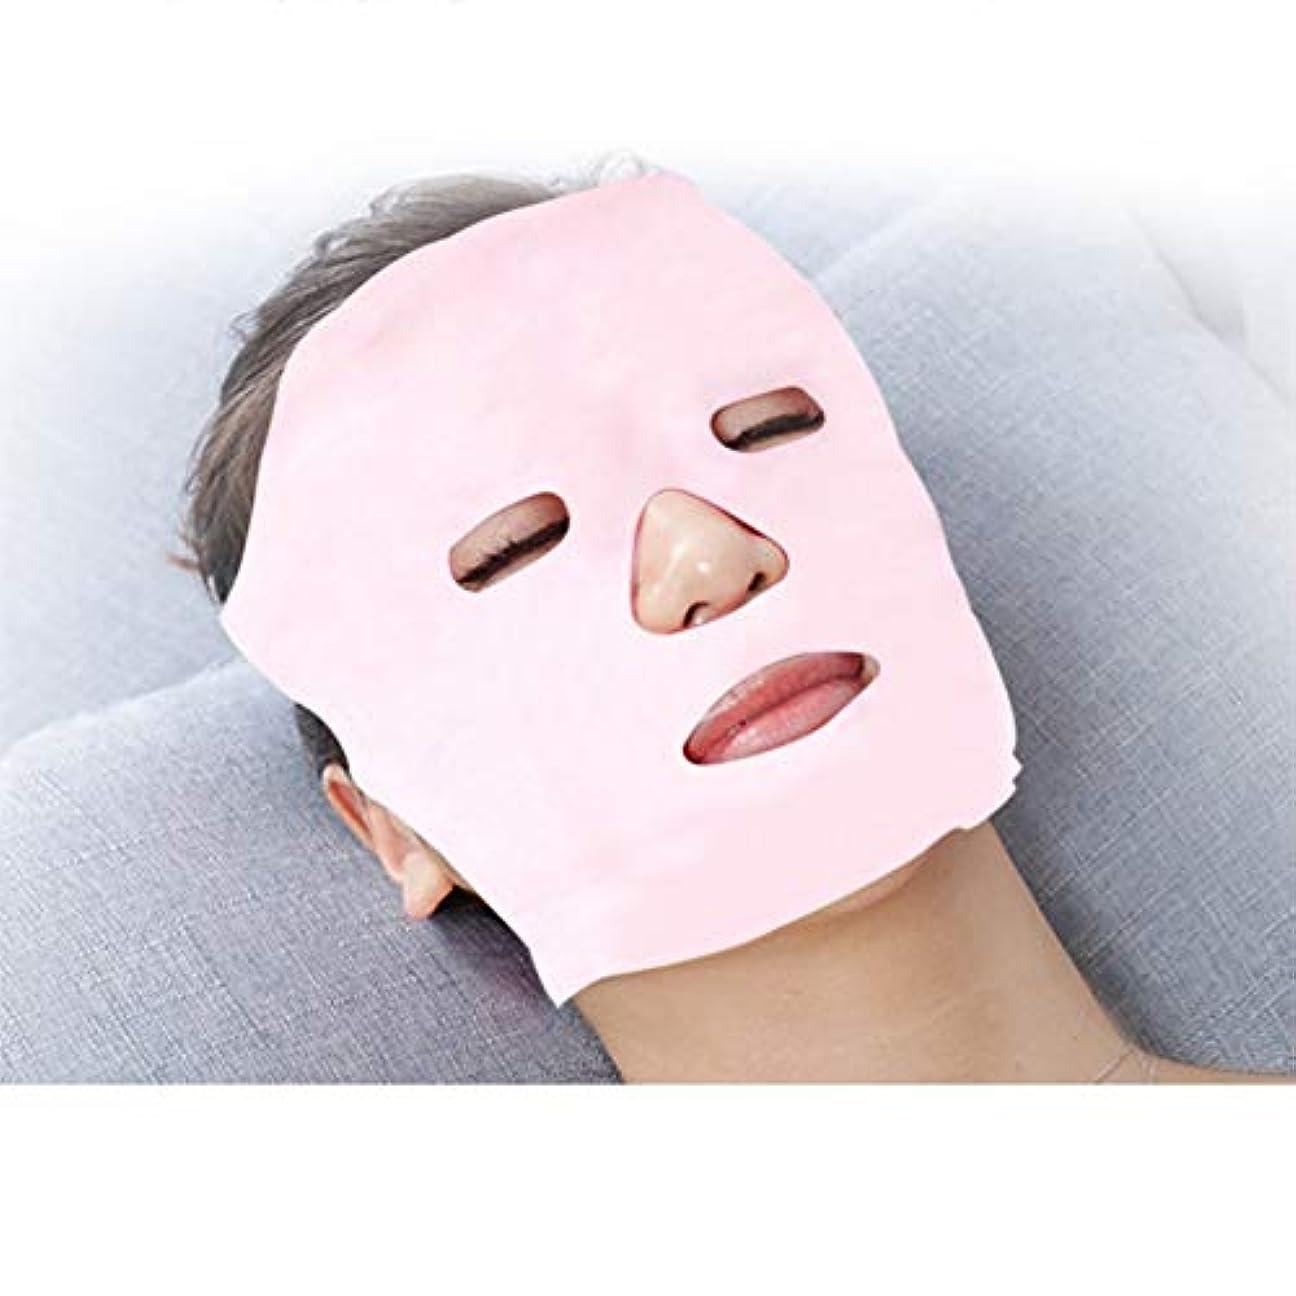 ナチュラエクスタシーのれんトルマリンジェル マグネットマスク マッサージマスク 颜美容 フェイスマスク 薄い顔 肤色を明るく ヘルスケアマスク 磁気 ェイスポーチ Cutelove